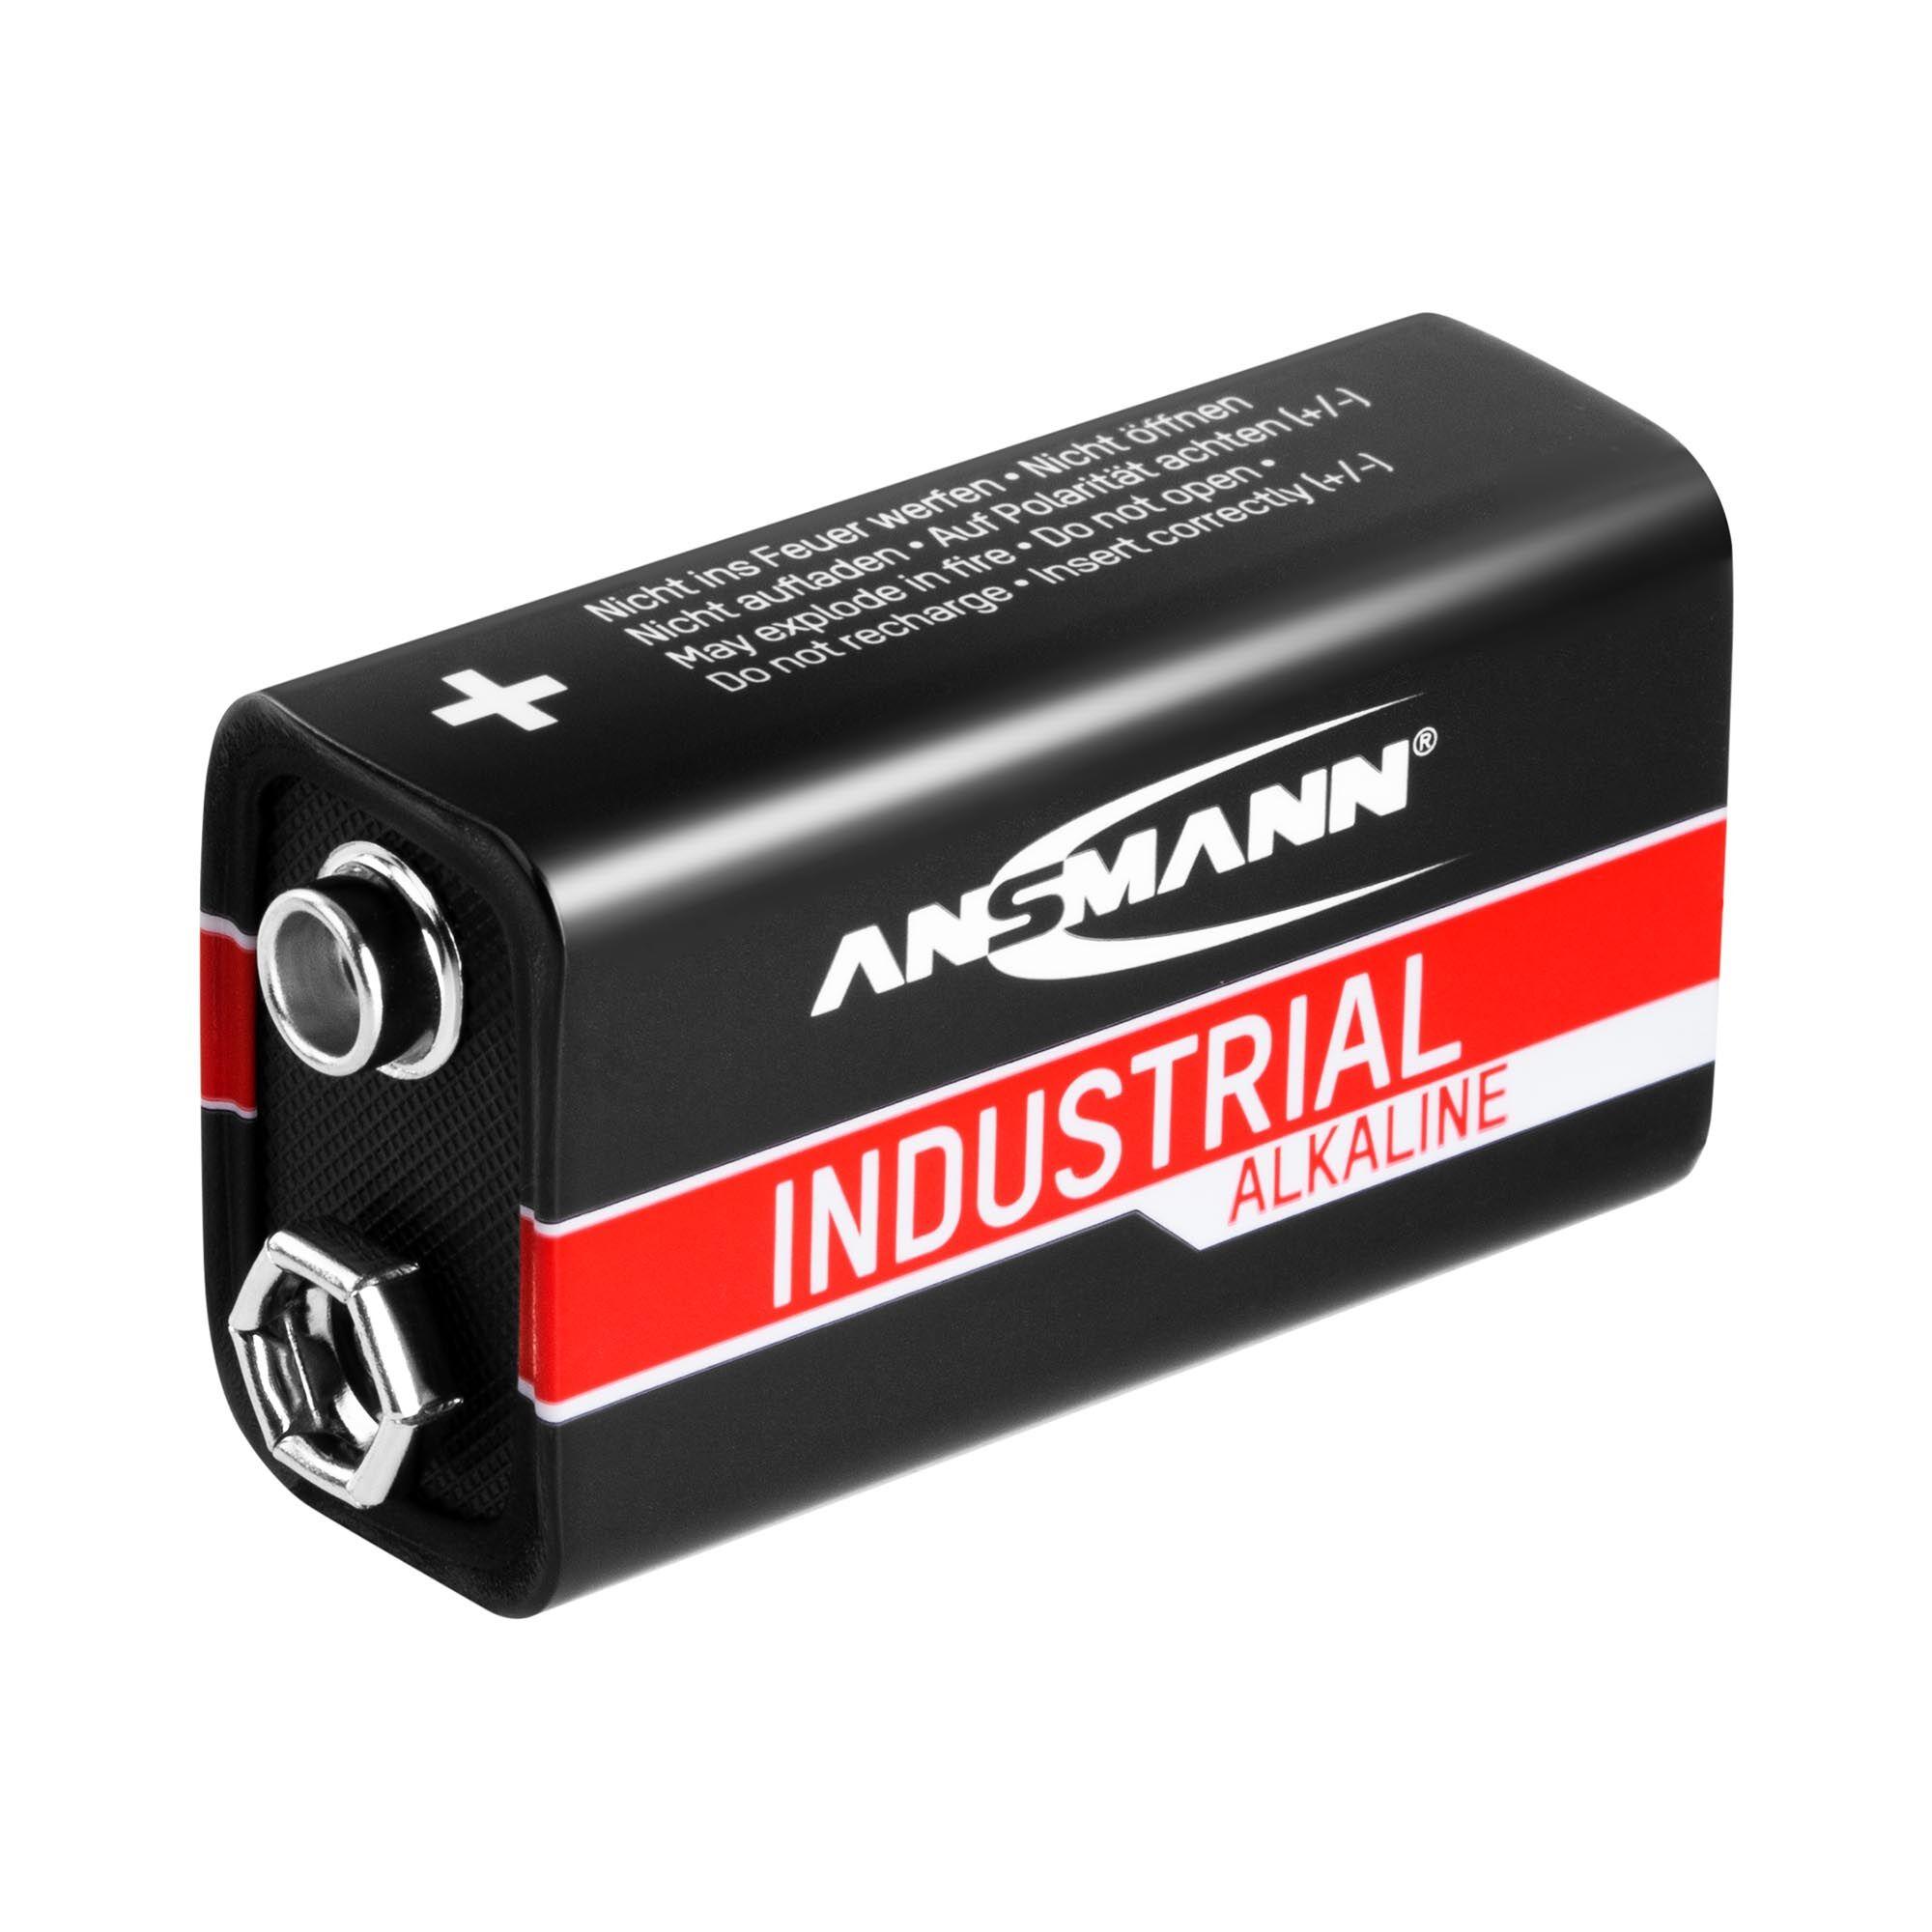 Ansmann INDUSTRIAL batterie alcaline - 10 batterie monoblocco 6LR61 1505-0001